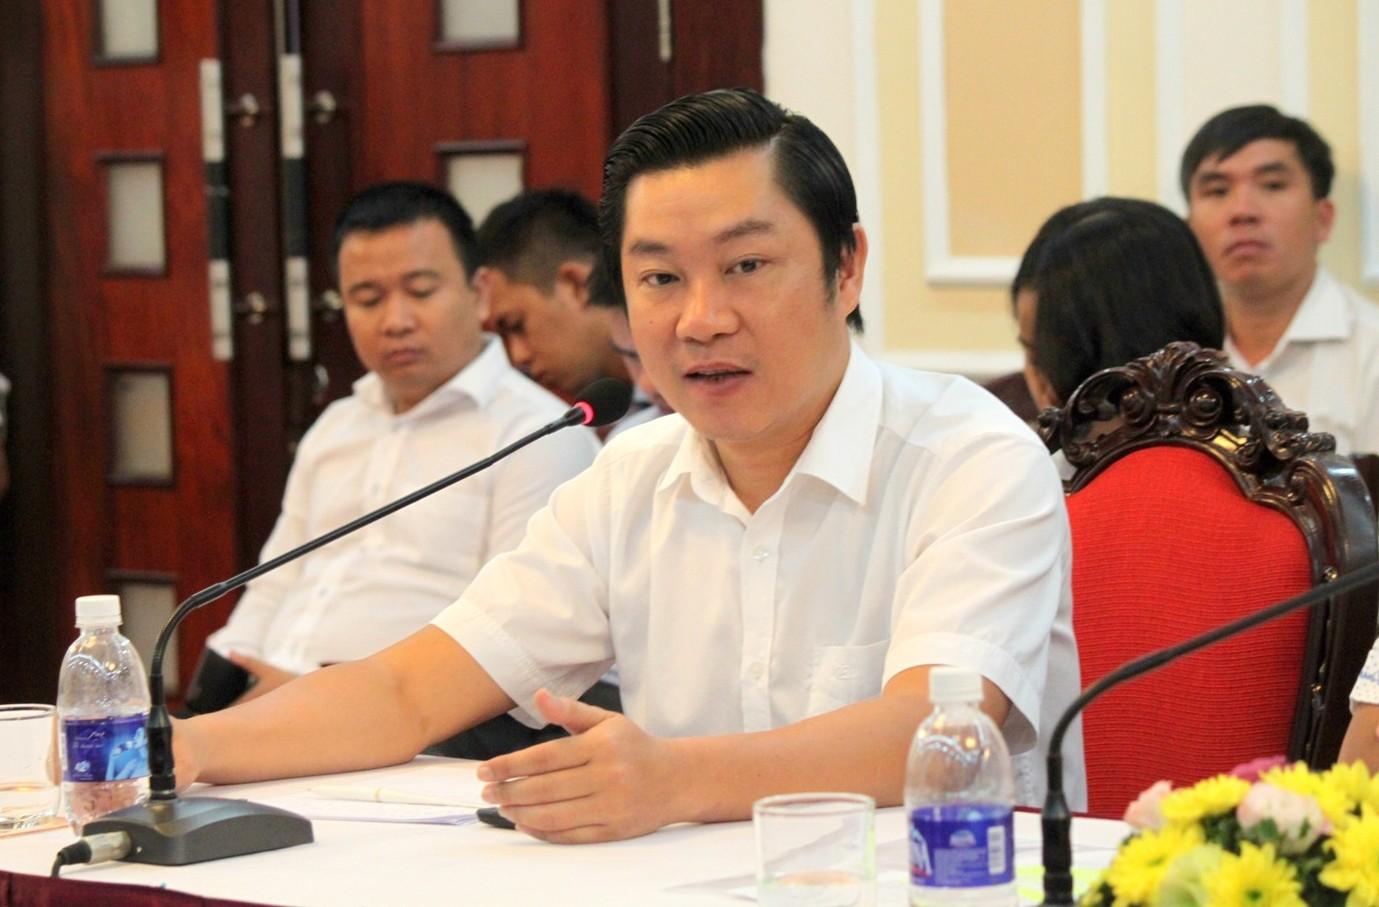 Chủ tịch LDG tiếp tục đăng ký mua 3 triệu cổ phiếu